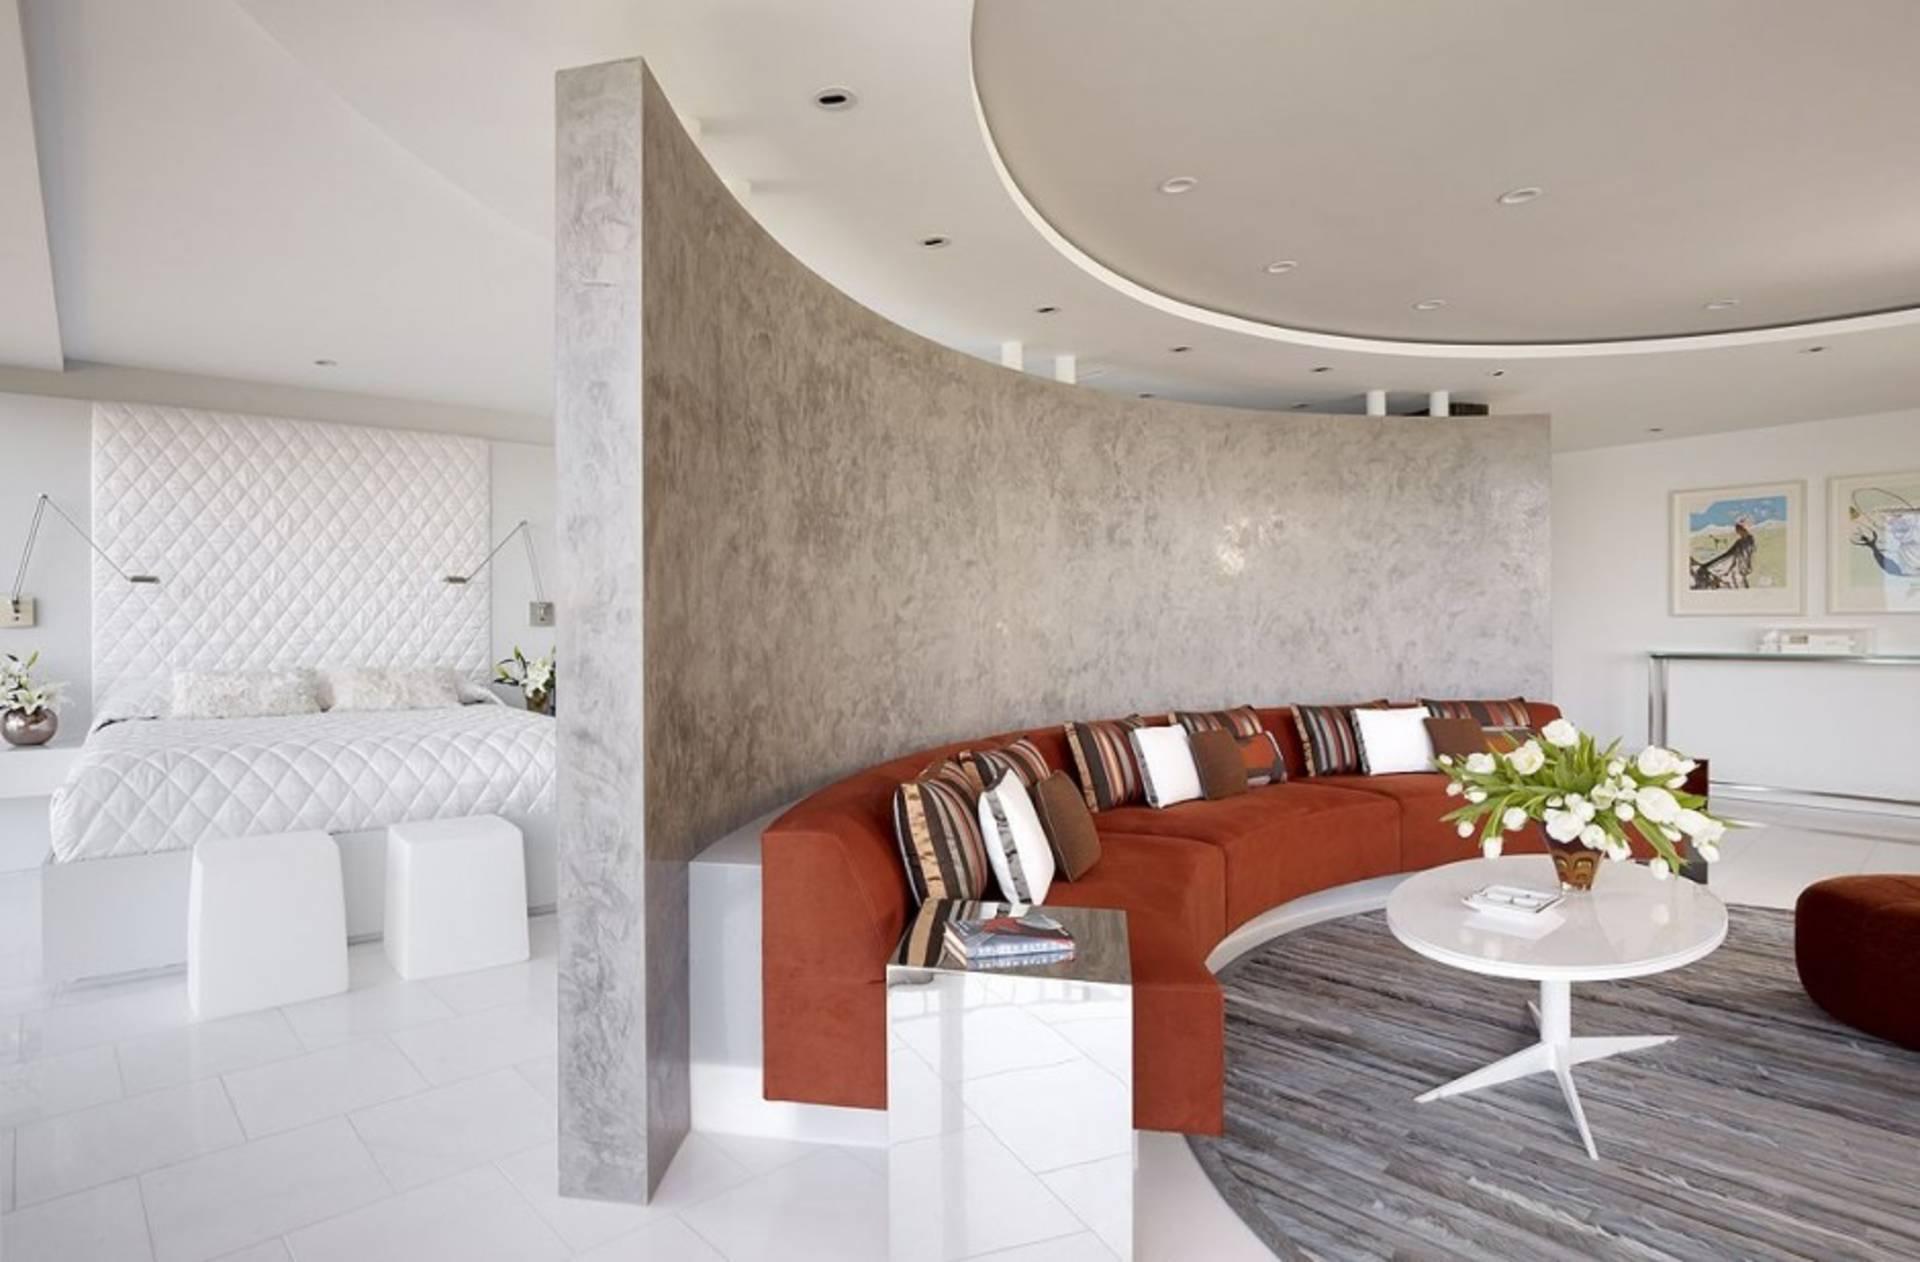 Imitation d'un mur de marbre à l'intérieur